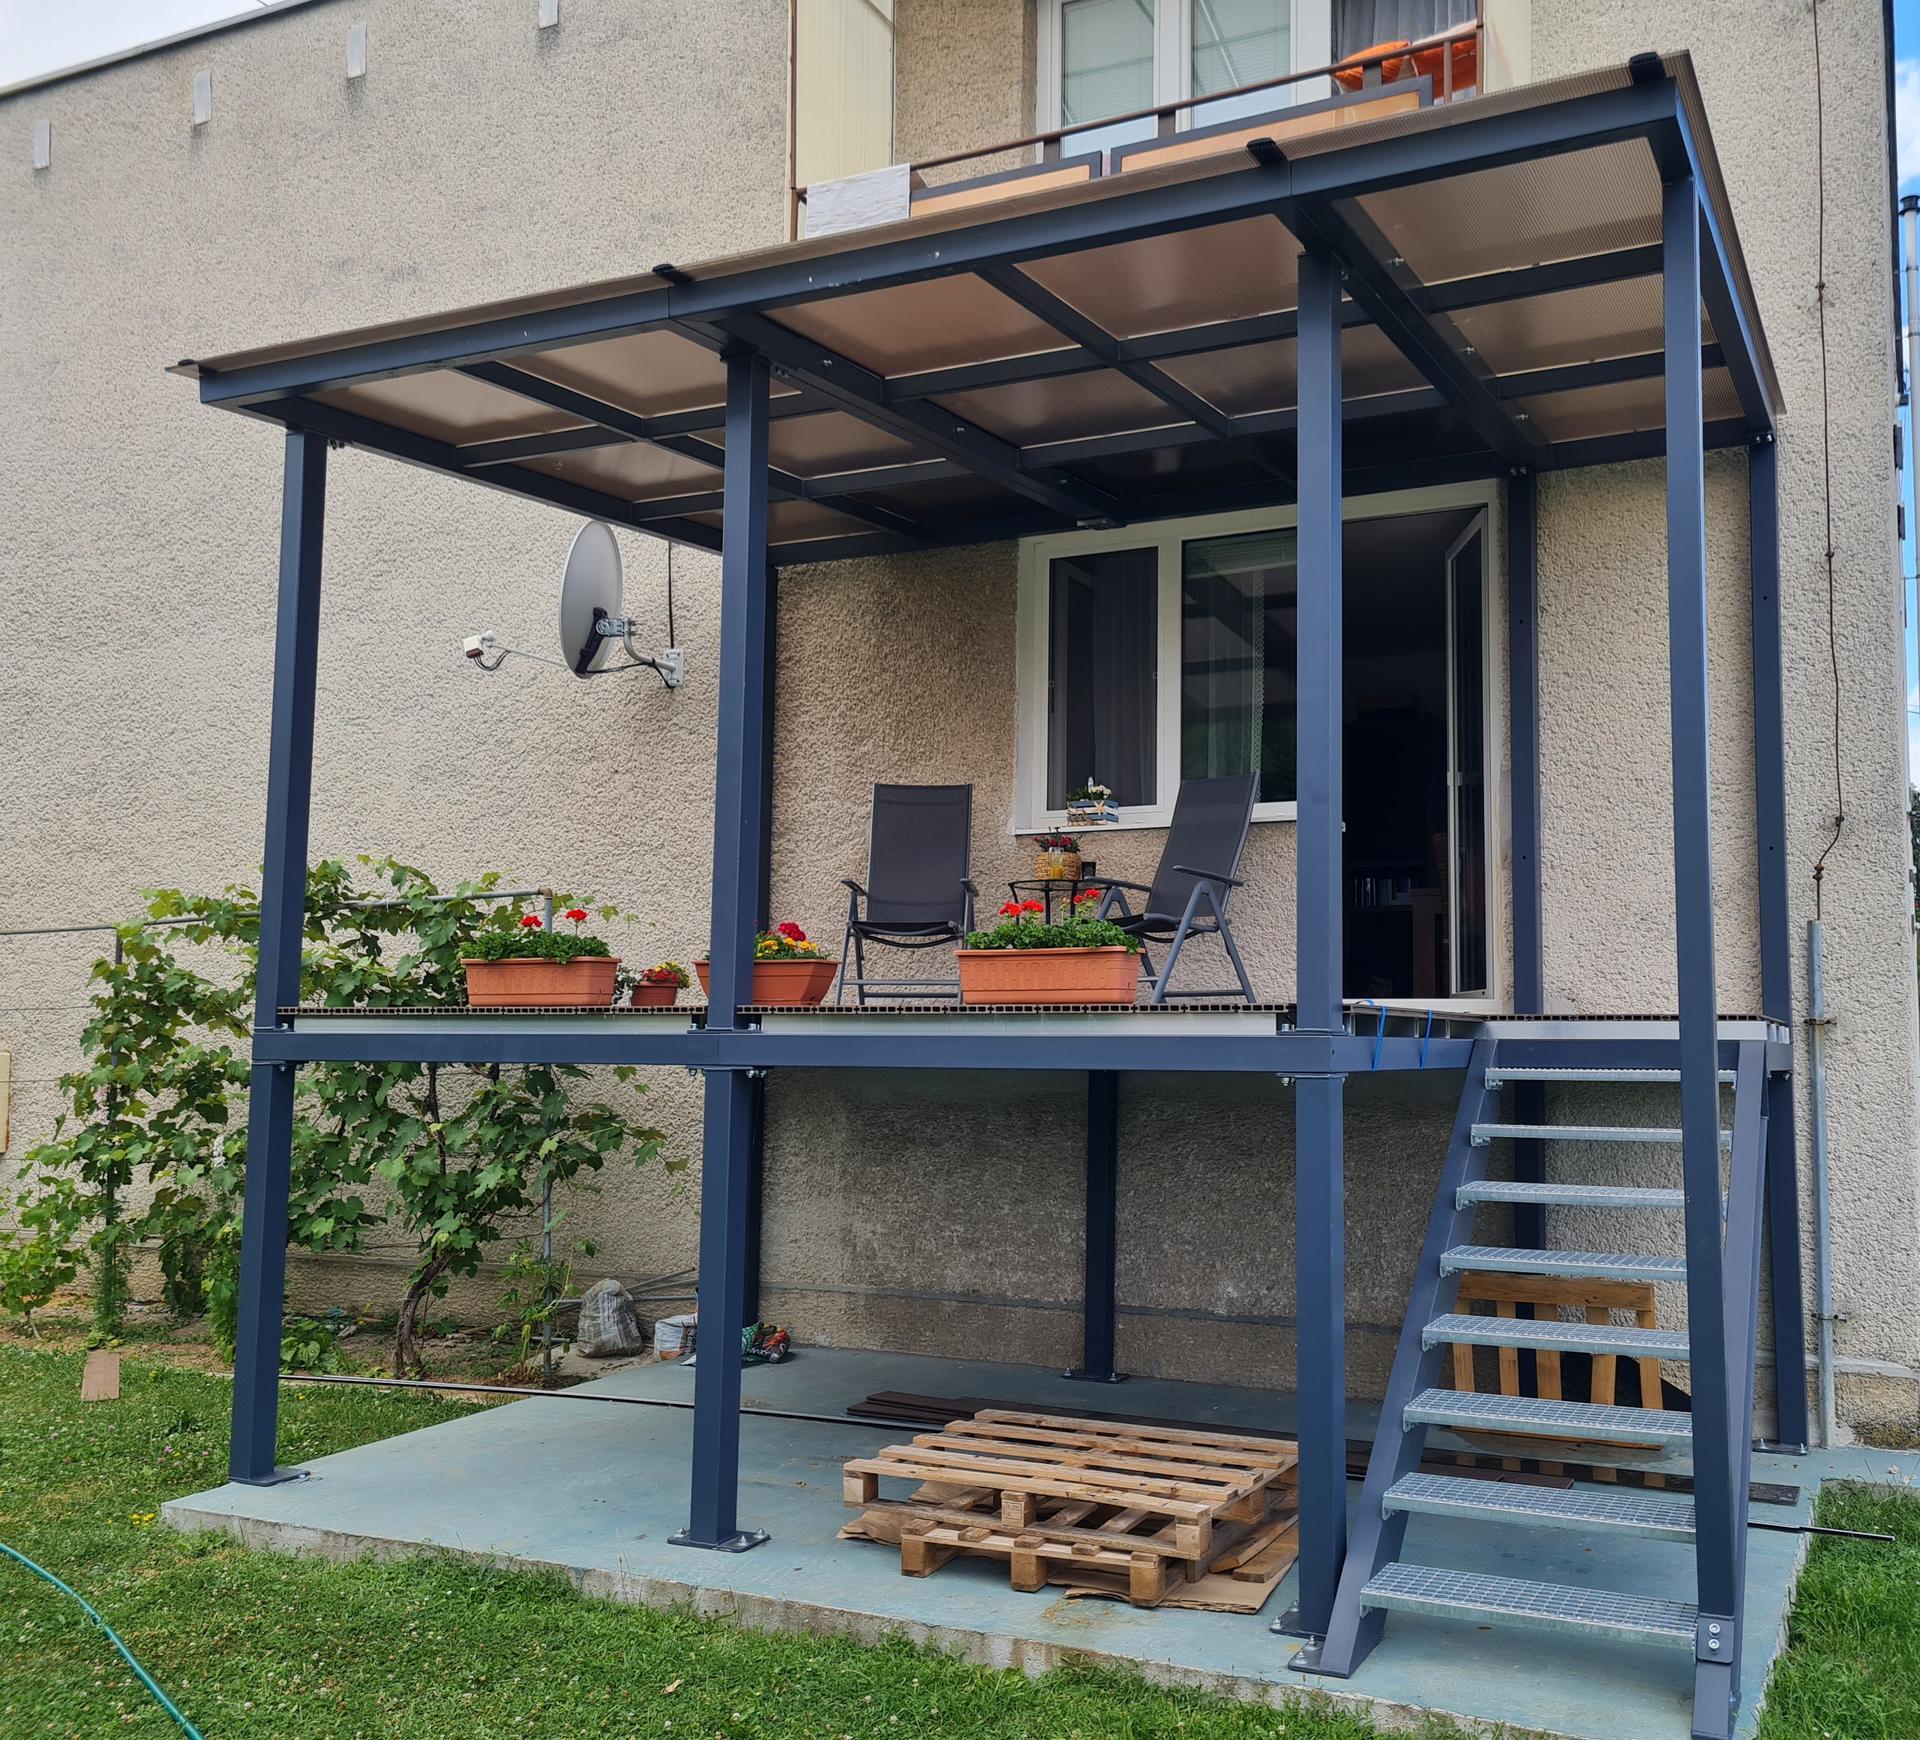 Premena balkóna na terasku - zase o kúsok bližšie k cieľu... prestrešenie hotové, už len zábradlie a olištovanie dookola terasy